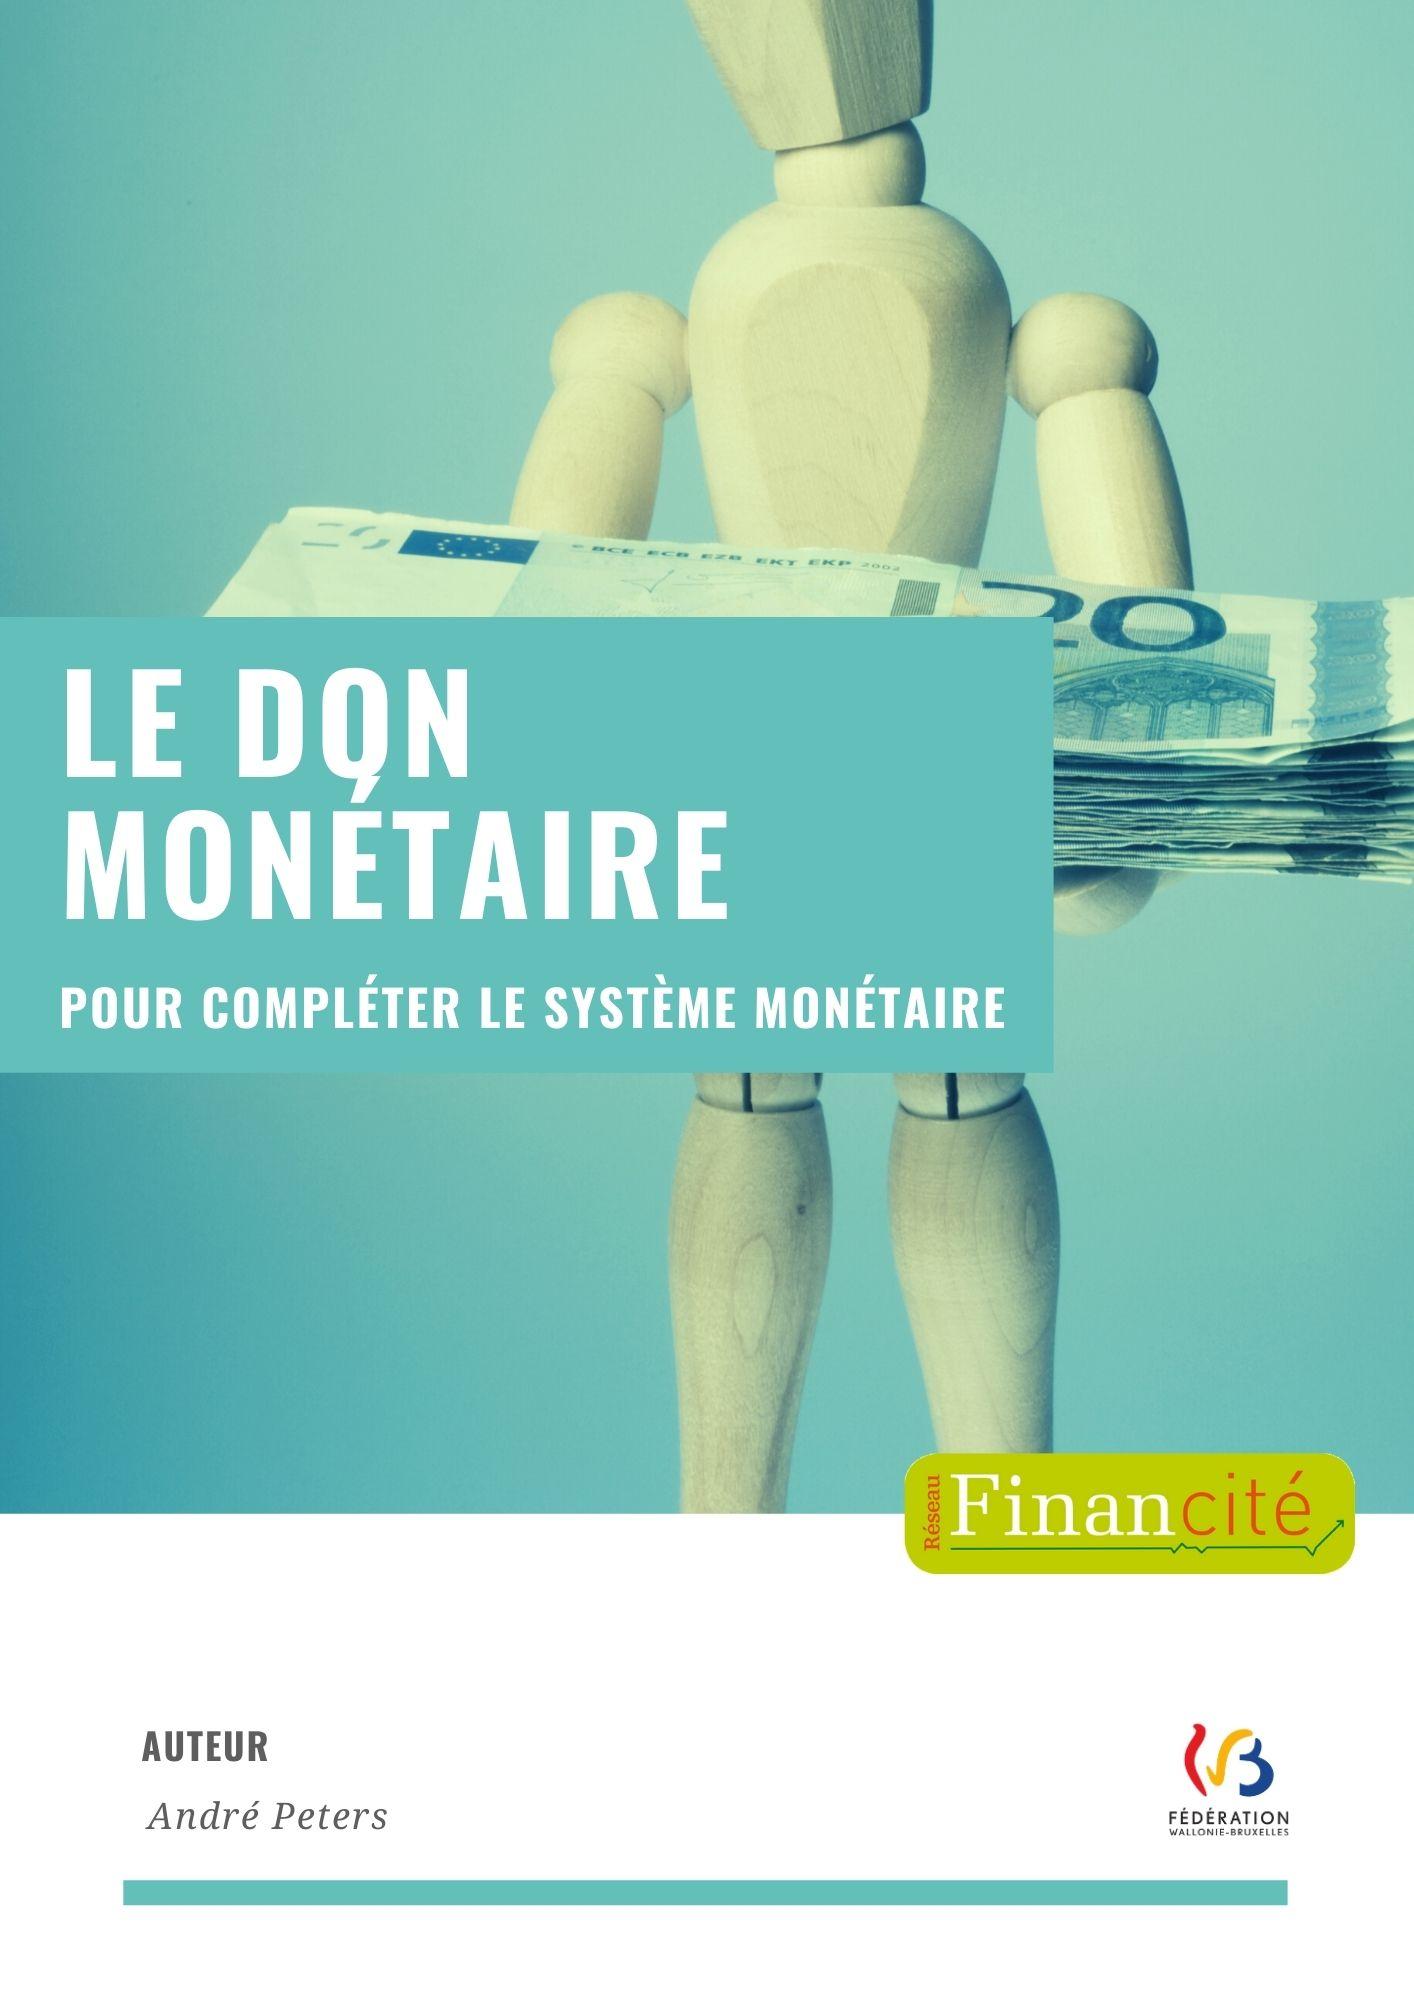 Le don monétaire pour compléter le système monétaire